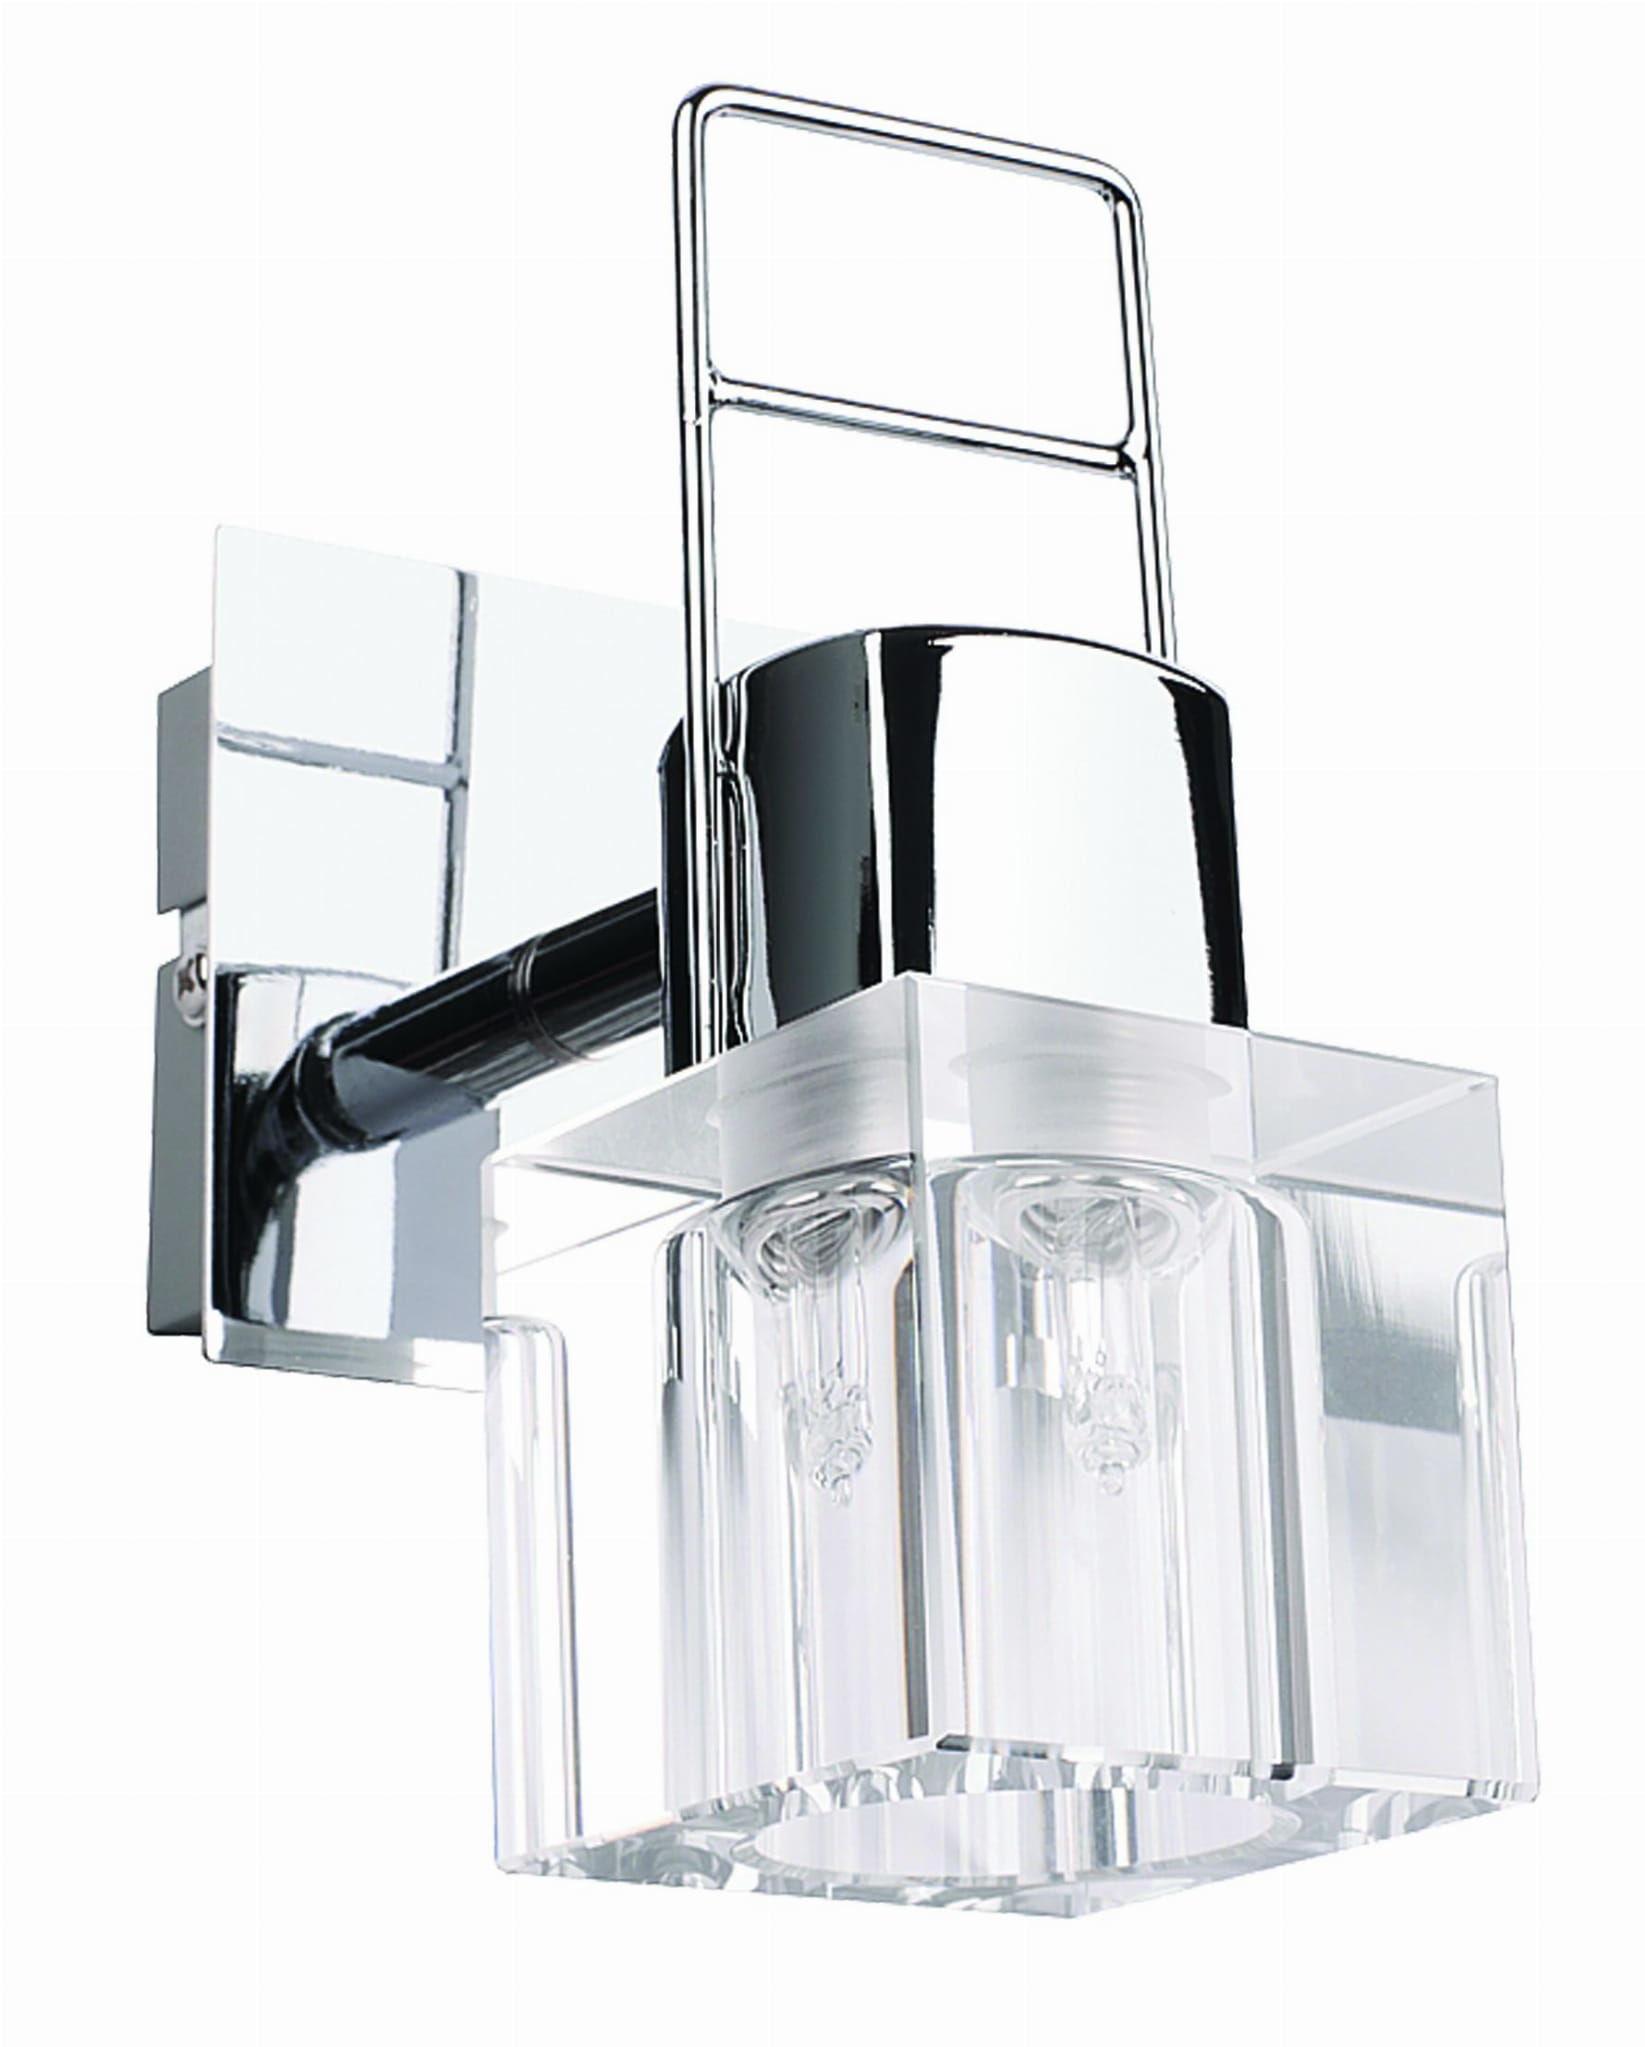 Light Prestige Londyn 1 spot LP-503/1W kinkiet lampa ścienna nowoczesny stylowy klosz kryształowy transparentny chromowana podstawa 1x40W G9 7cm